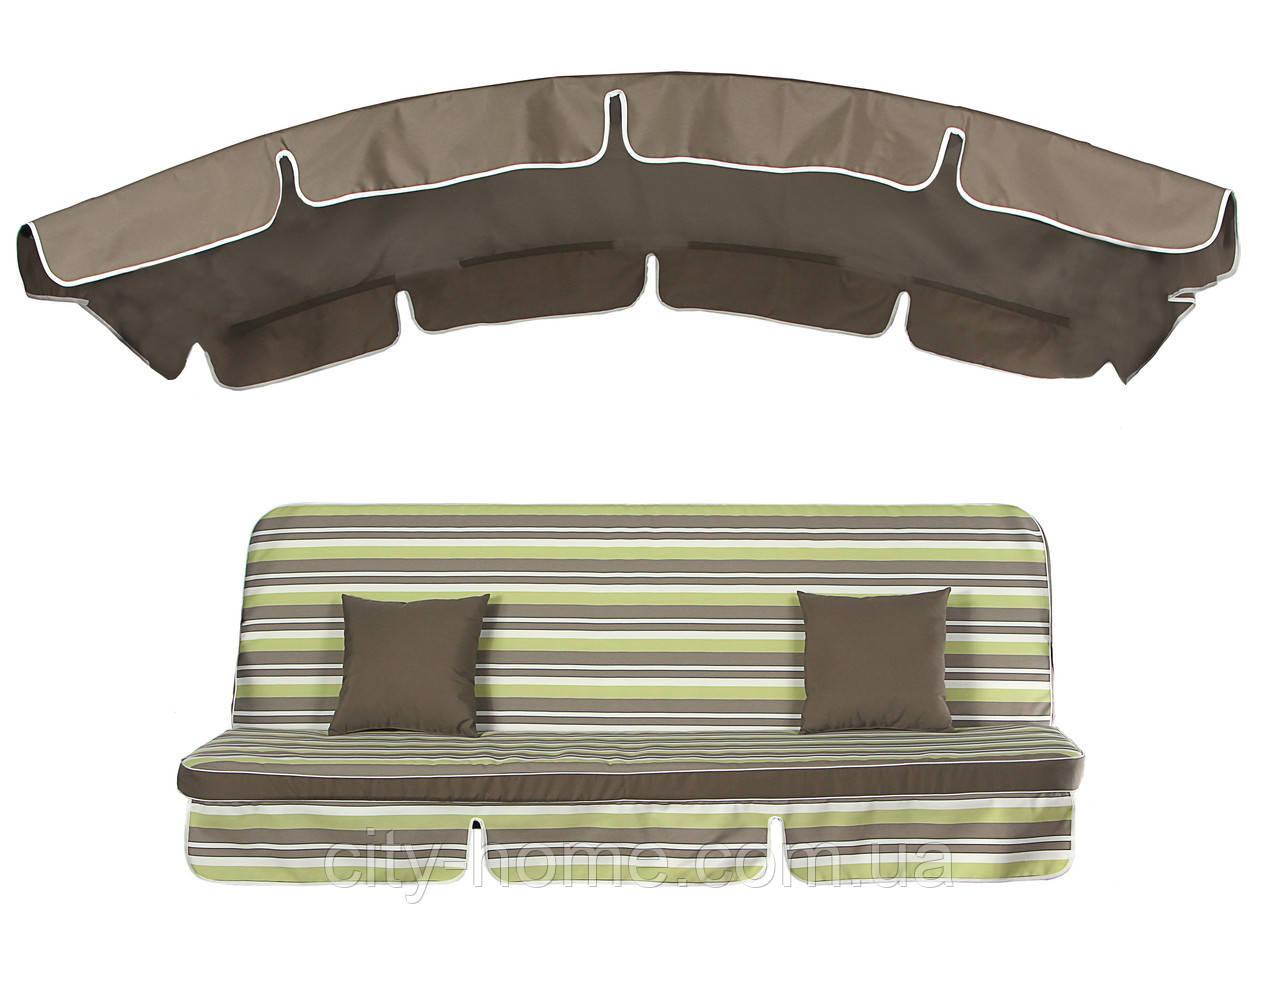 М'яка частина 180 см на гойдалки Deli (дралон) 7cm (1208)